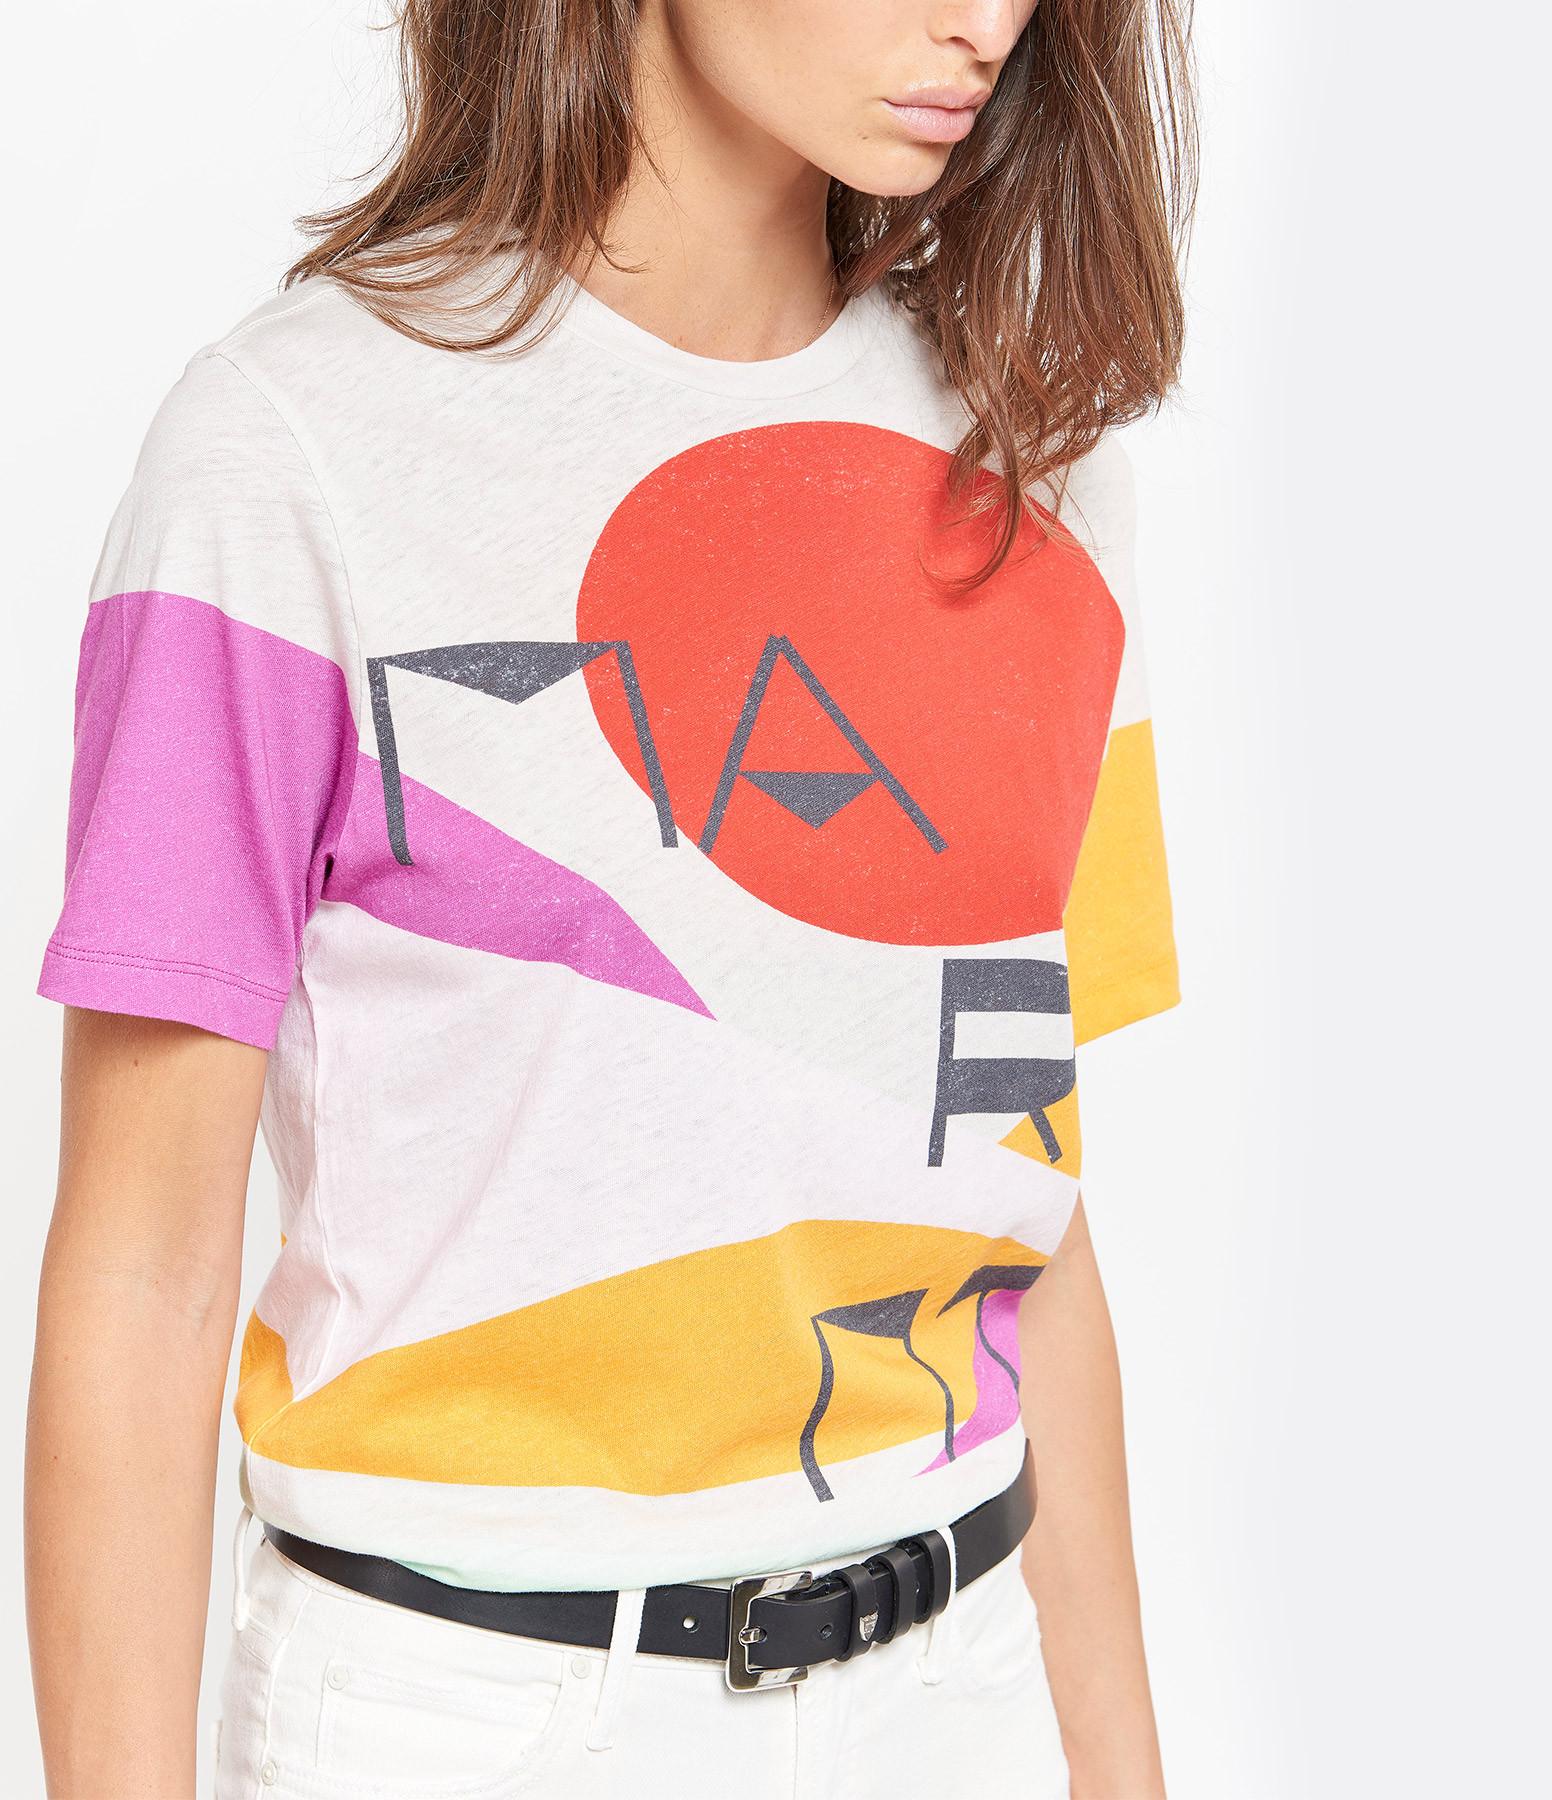 ISABEL MARANT - Tee-shirt Zewel Coton Ecru